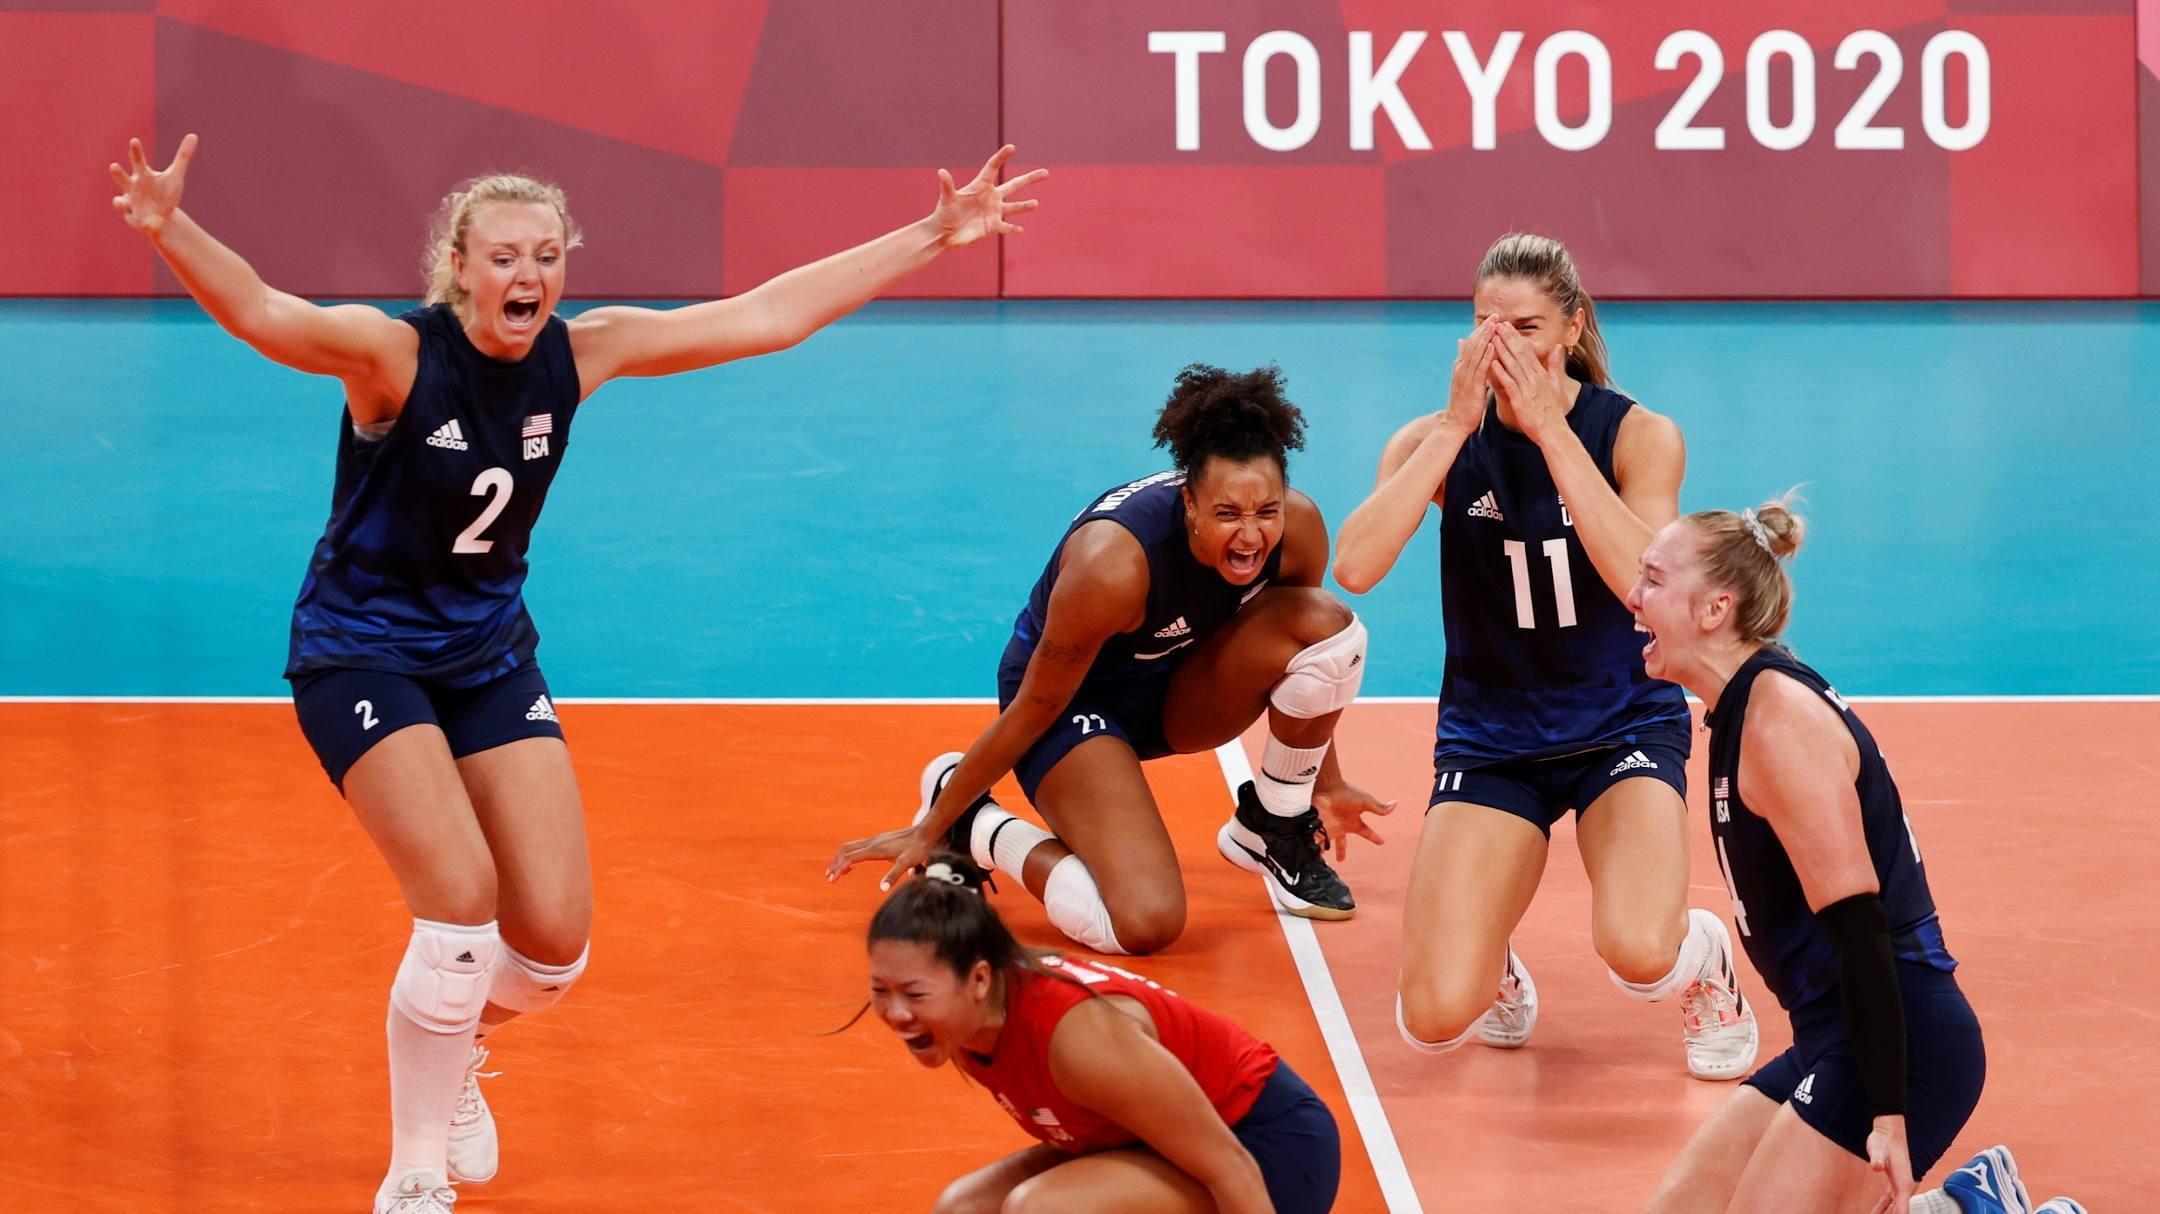 Bảng tổng sắp huy chương Olympic hôm nay 8/8: Mỹ đánh chiếm ngôi đầu